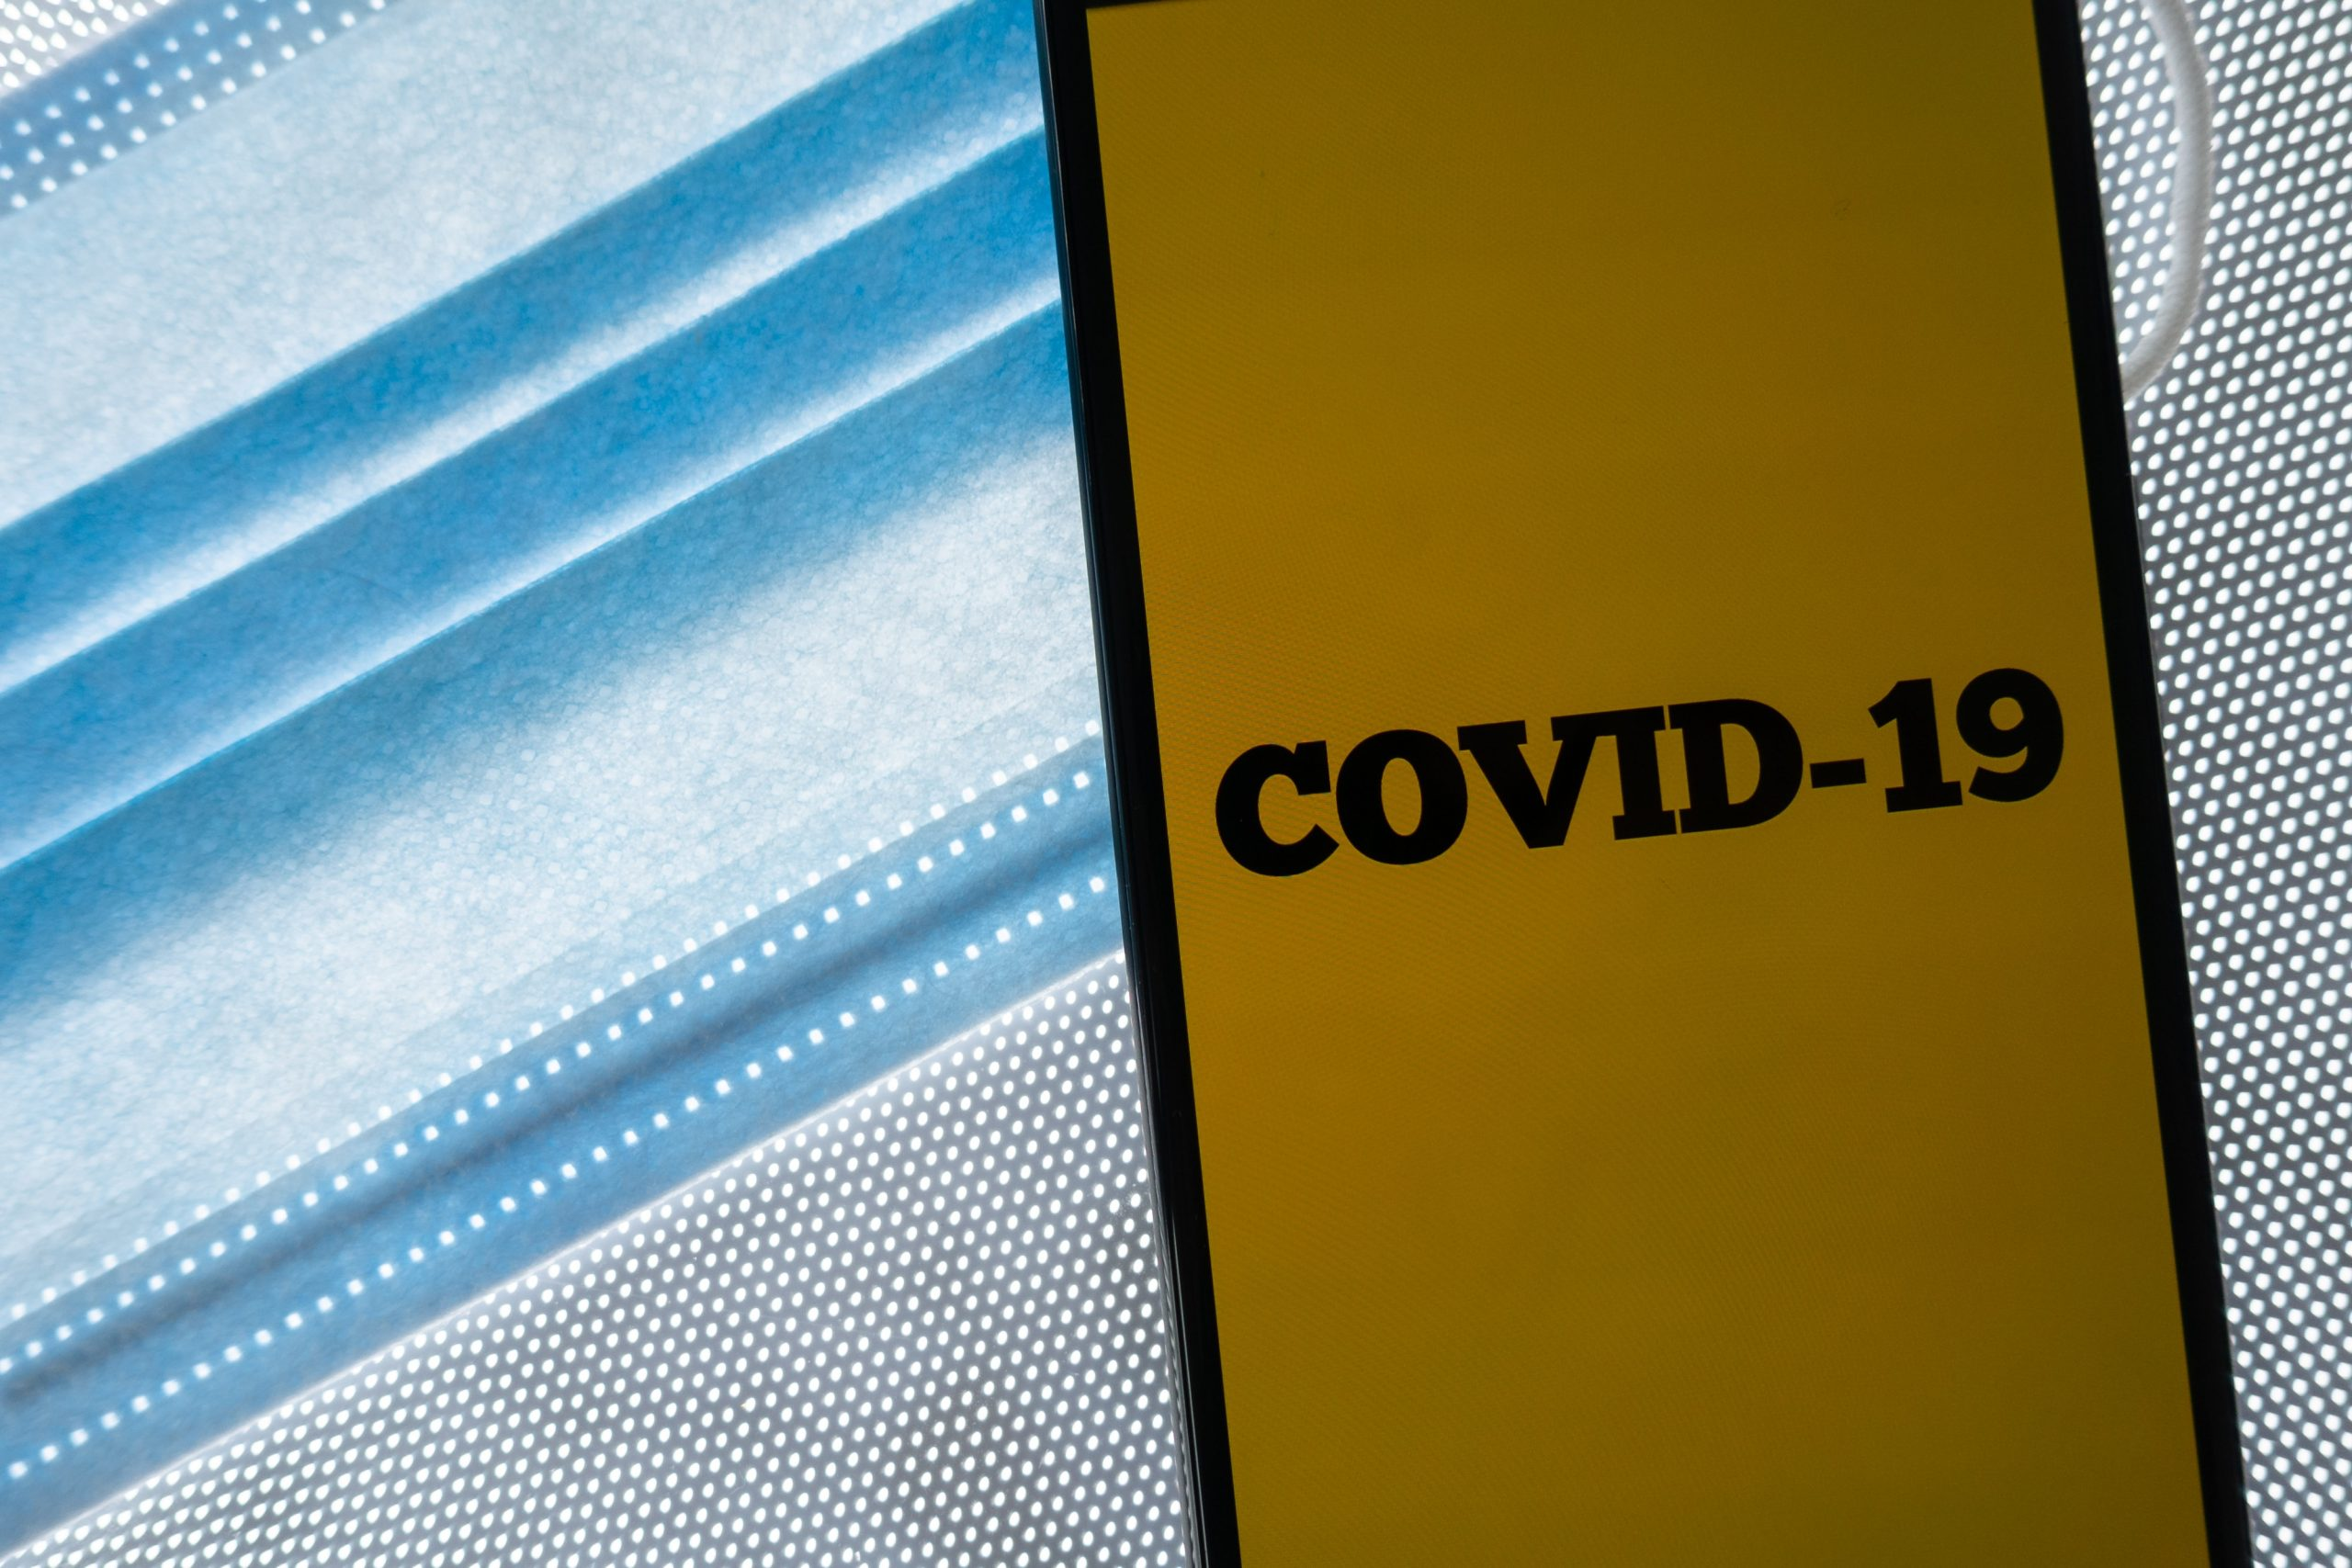 Restricții anti-COVID în două localități aflate în apropierea Bucureștiului. Au intrat în vigoare de azi